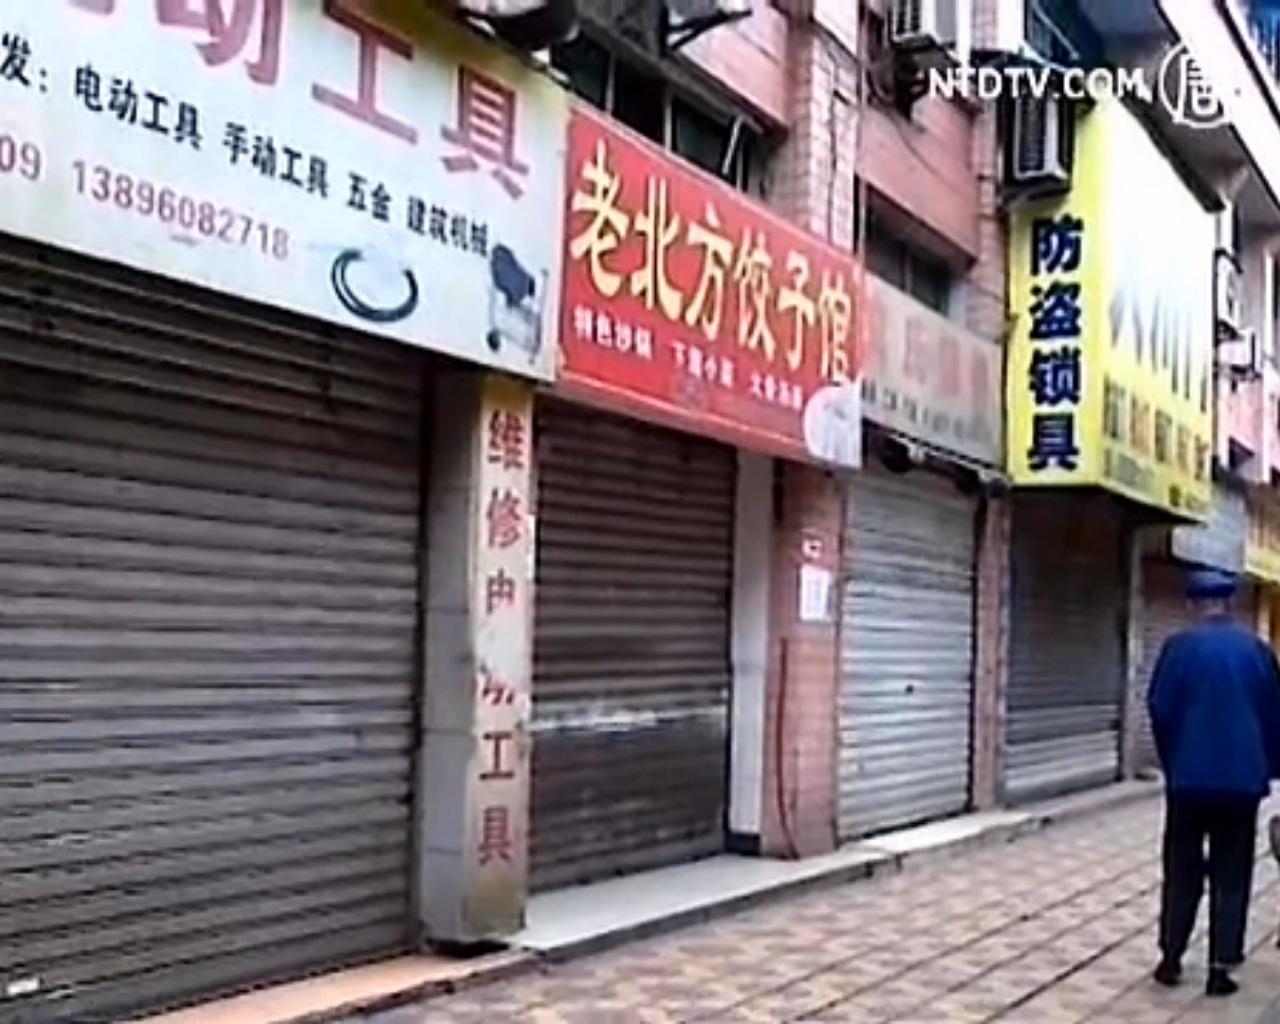 Proteste in Chongqing: Geschäftsstreik als Antwort auf Polizeigewalt